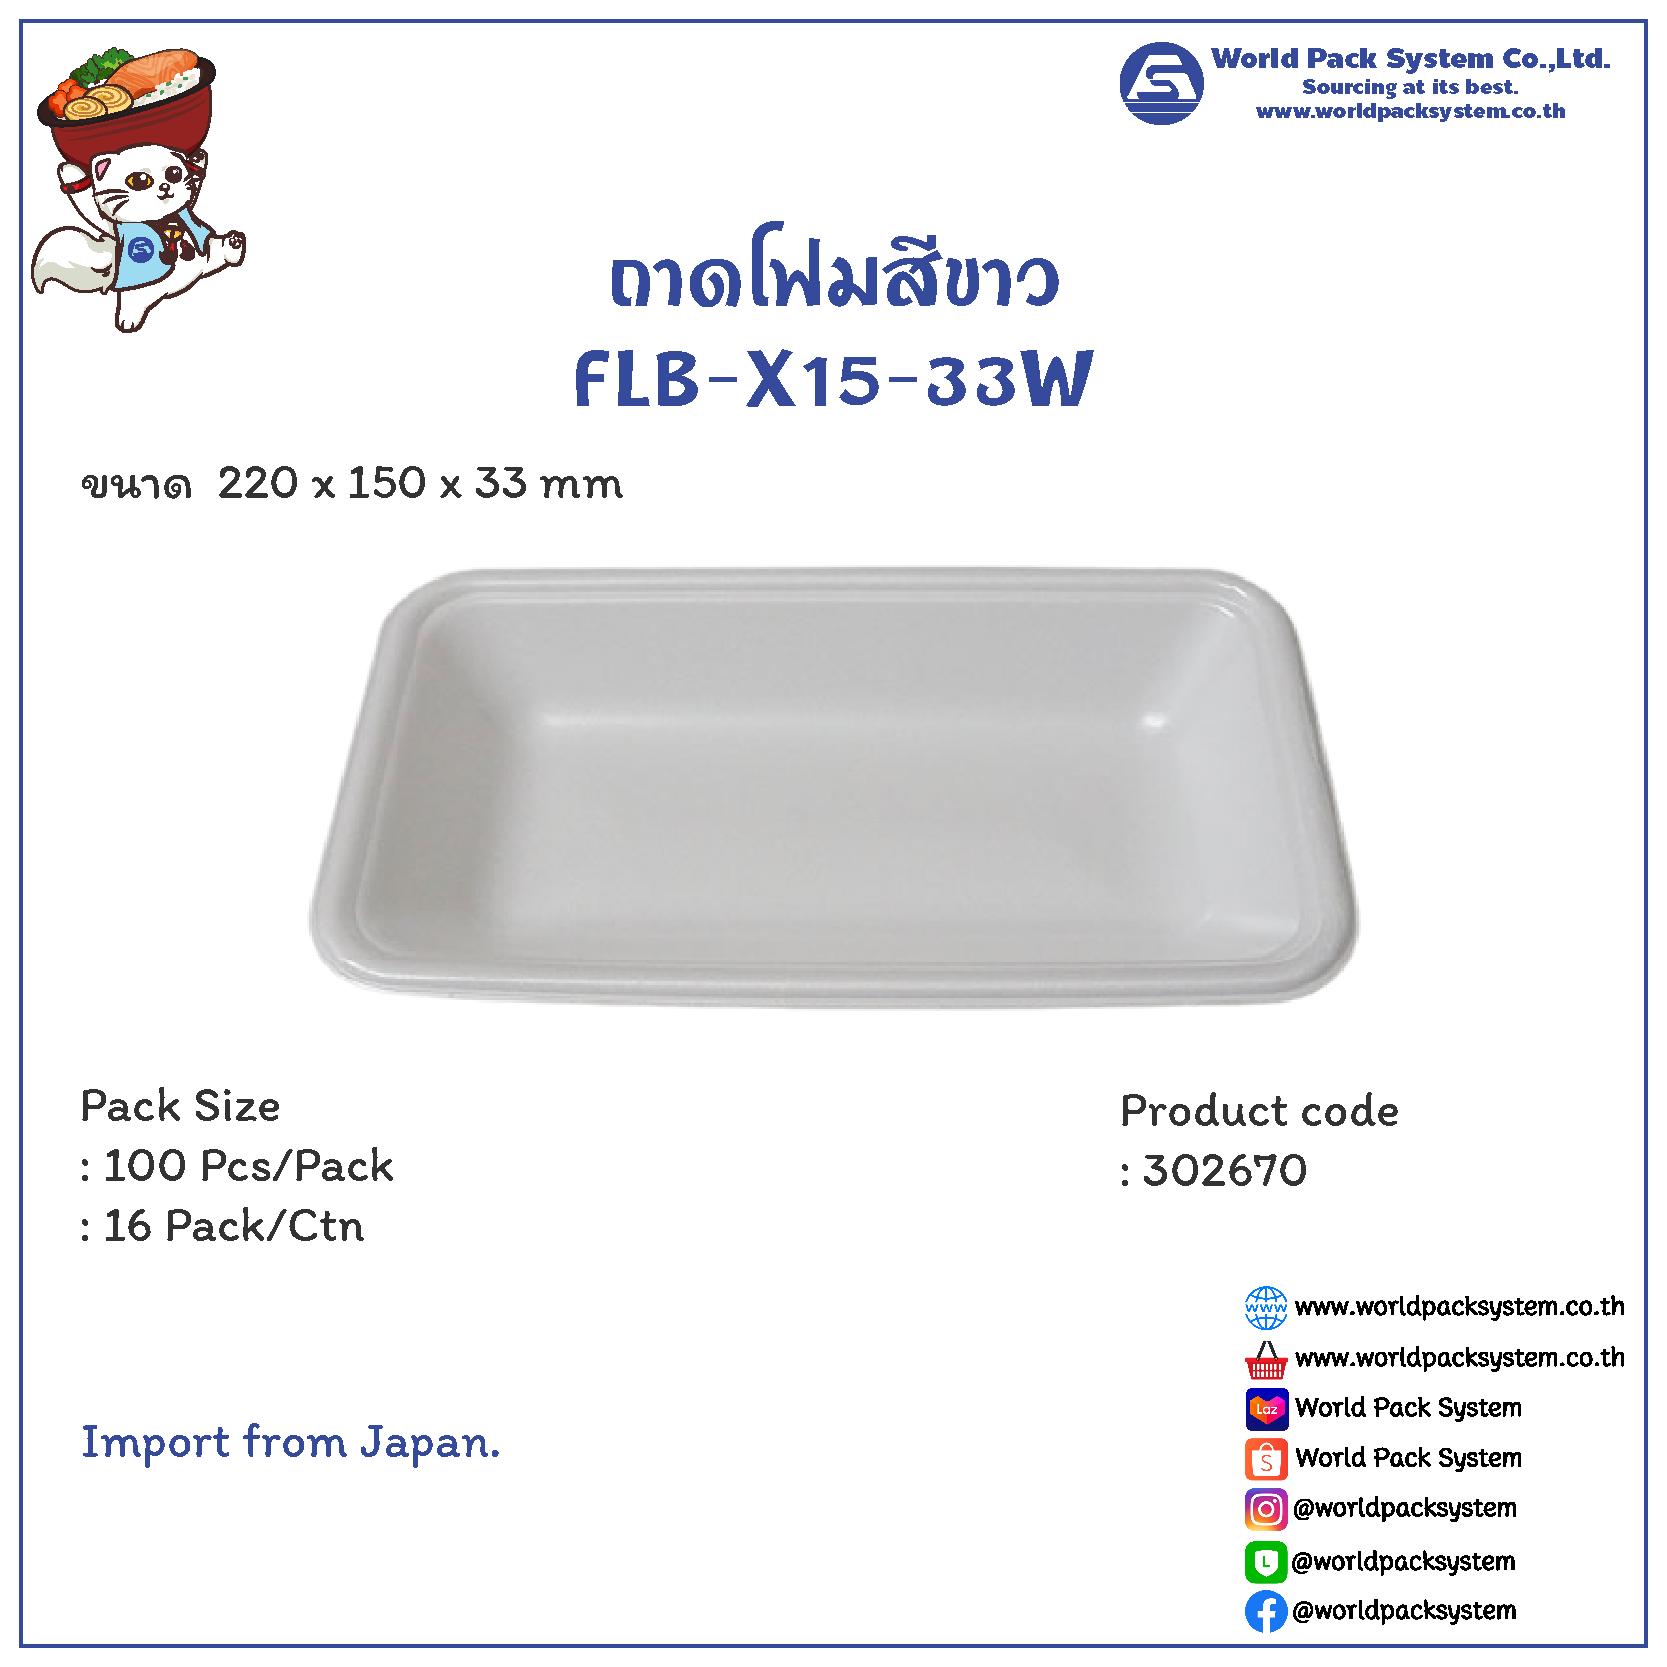 ถาดโฟมใส่เนื้อ ใส่ปลา FLB-X15-33 W (100 ชิ้น)